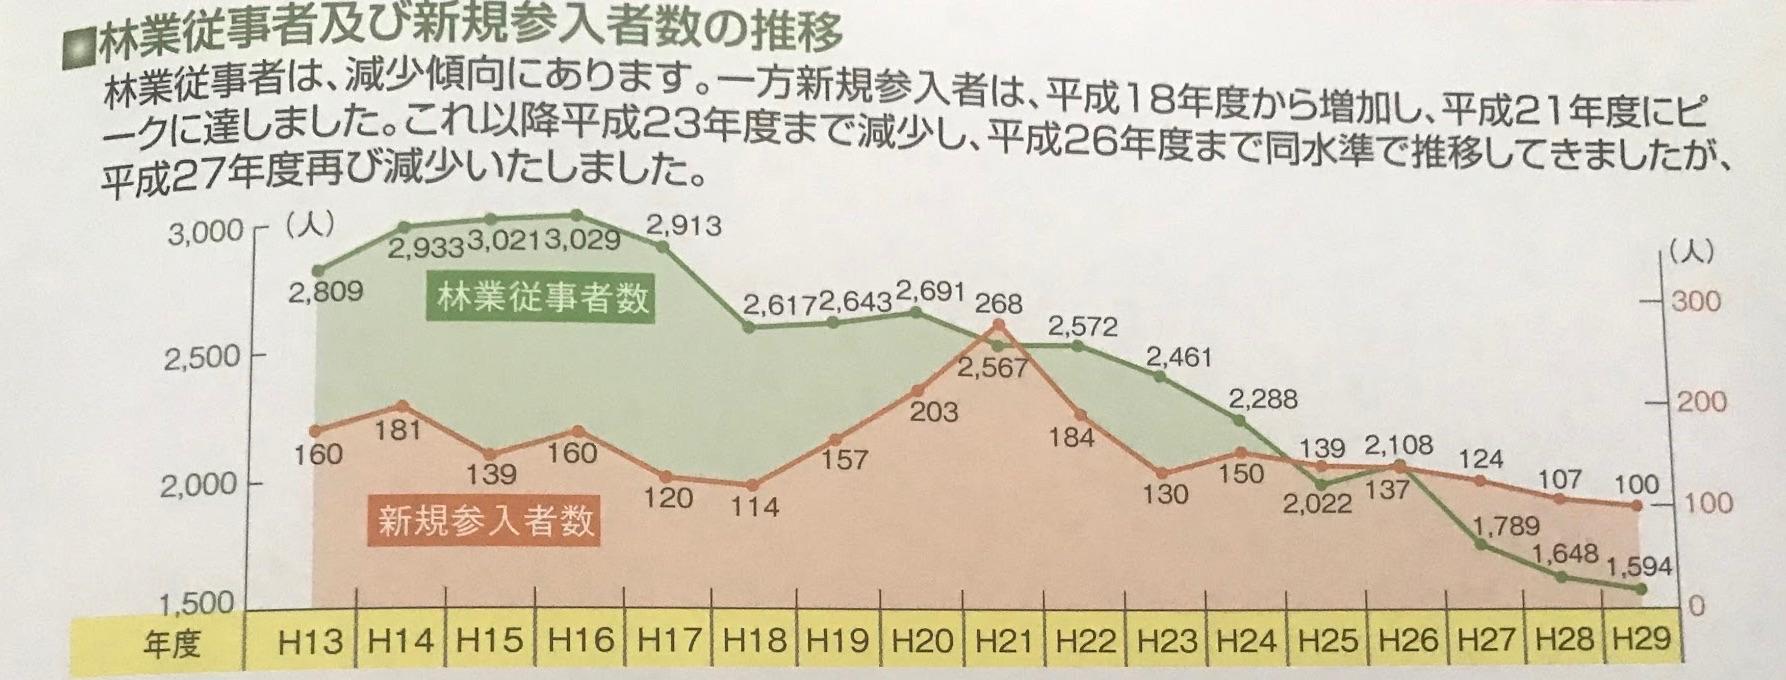 林業従事者および新規参入者の推移